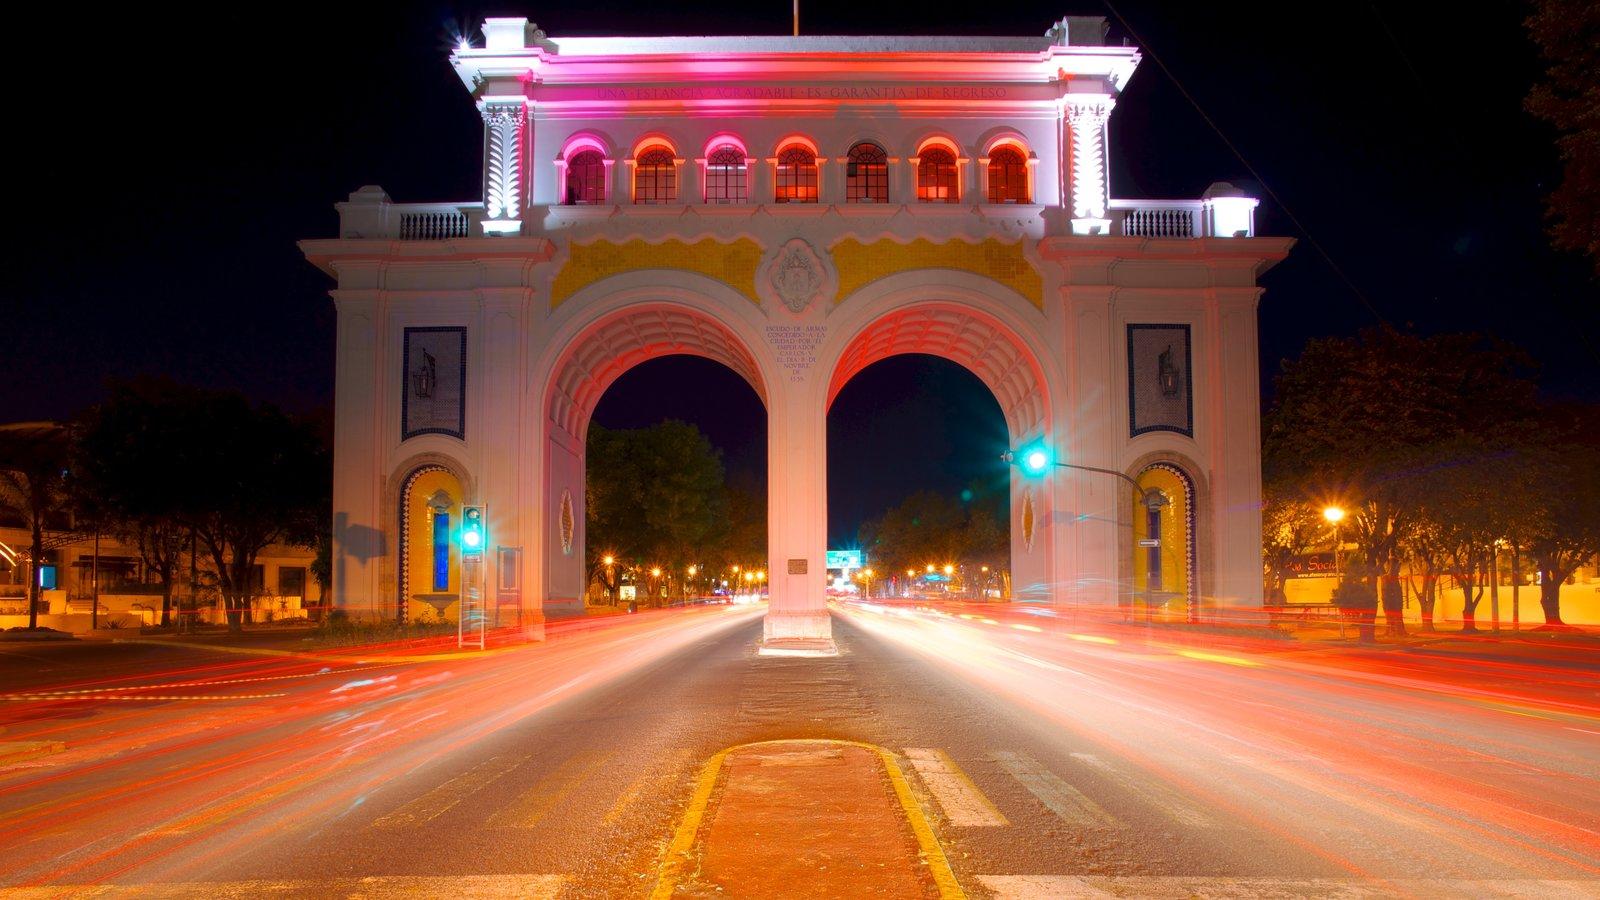 Los Arcos de Guadalajara mostrando um monumento, uma cidade e cenas de rua